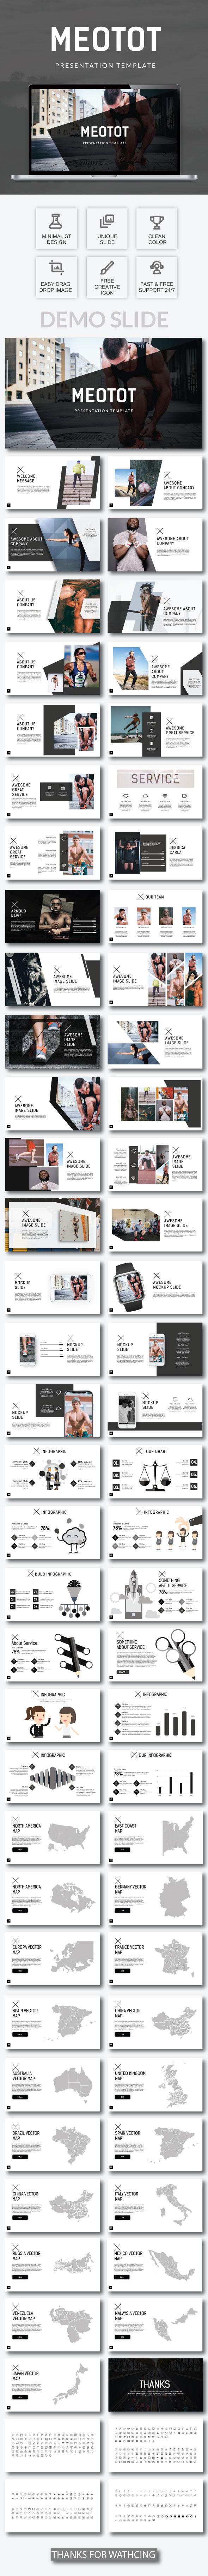 Metotot Business Google Slide Template - Google Slides Presentation Templates